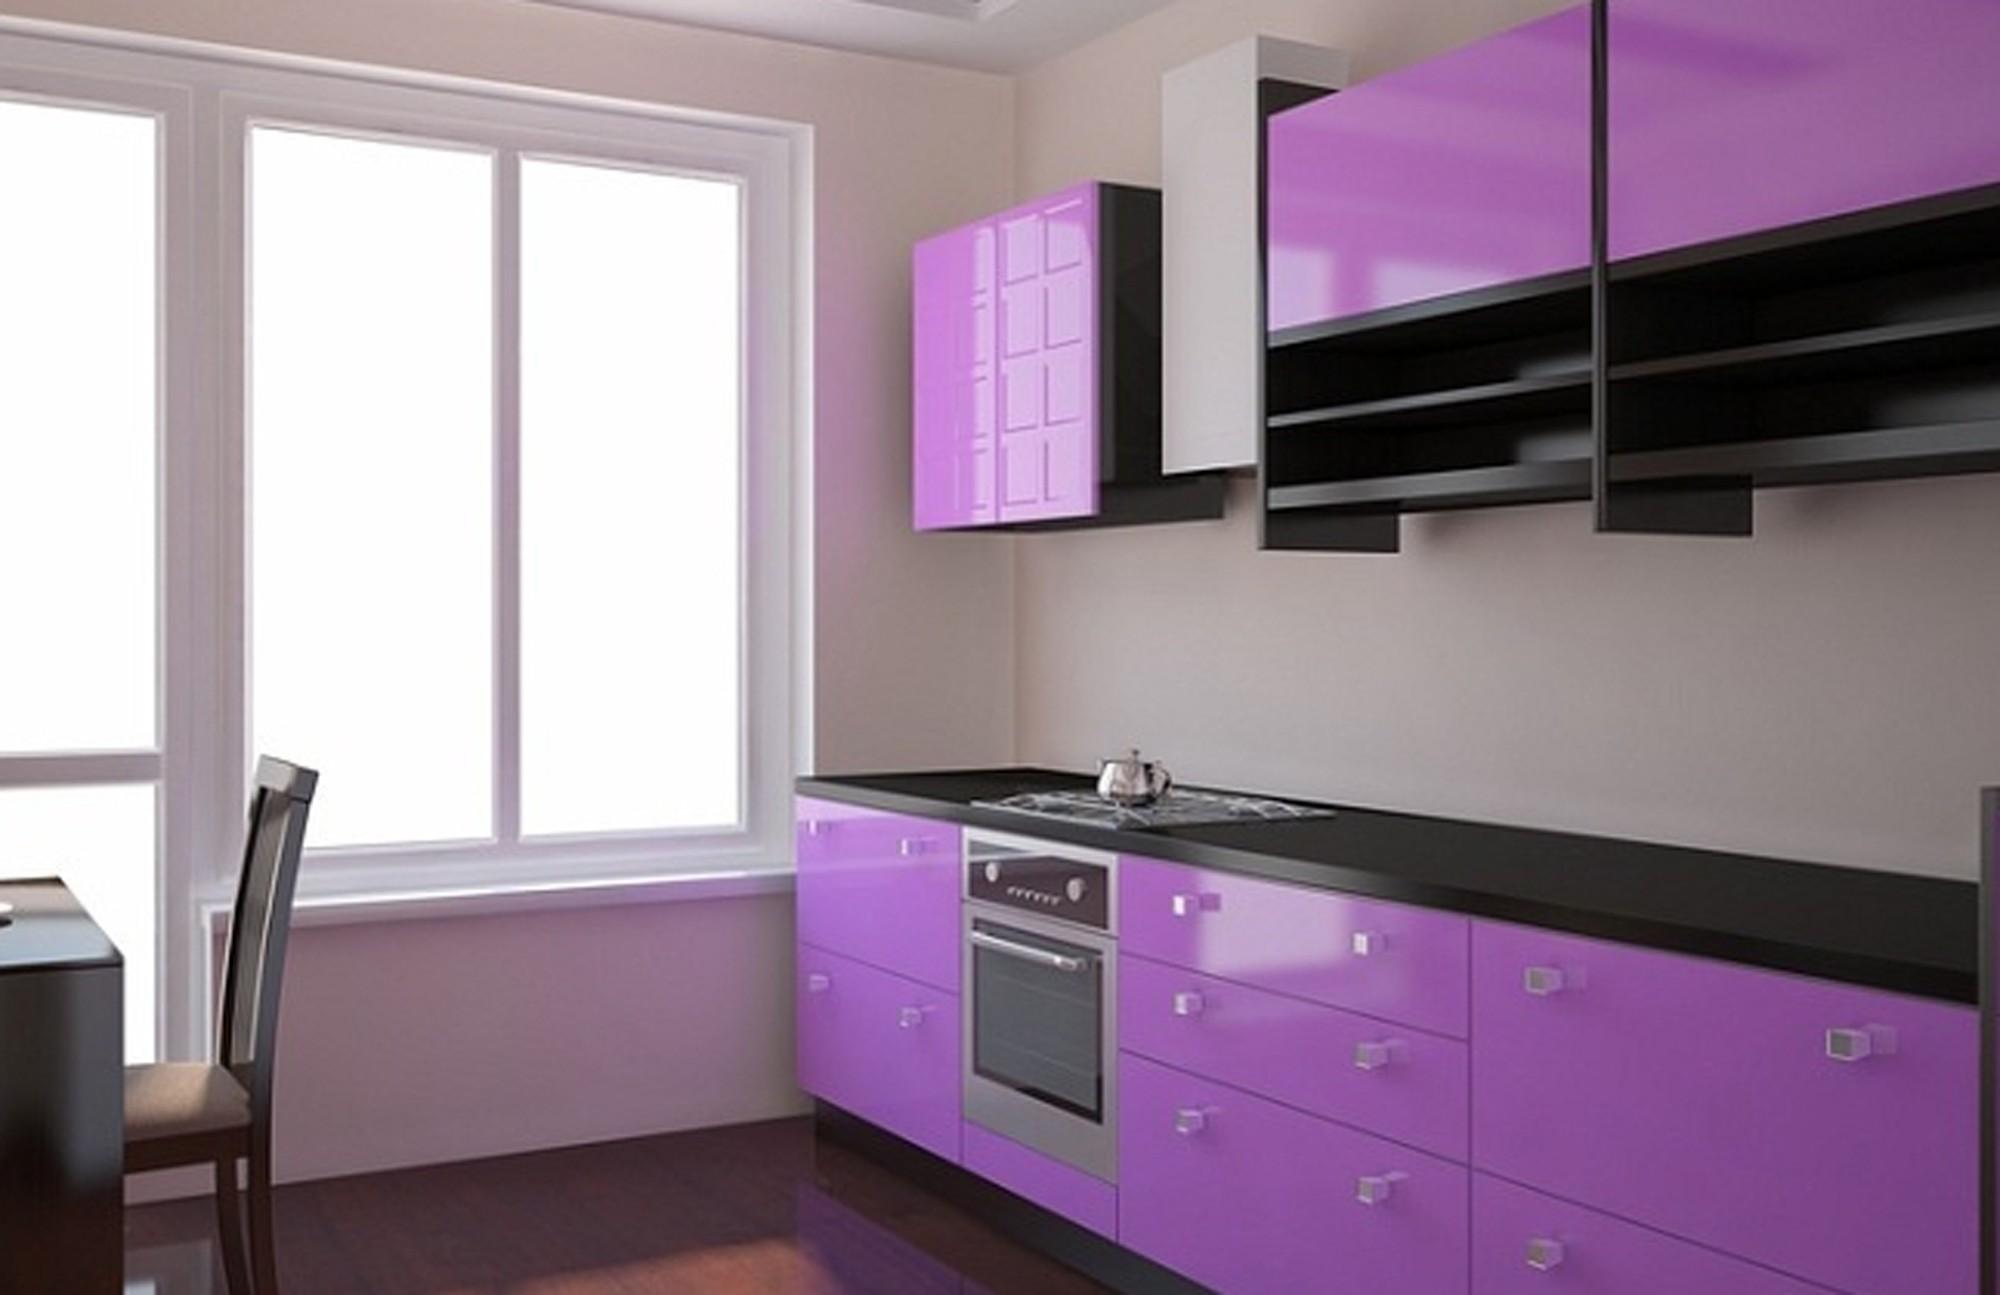 Кухня фиолетовая белая  № 1839150 без смс